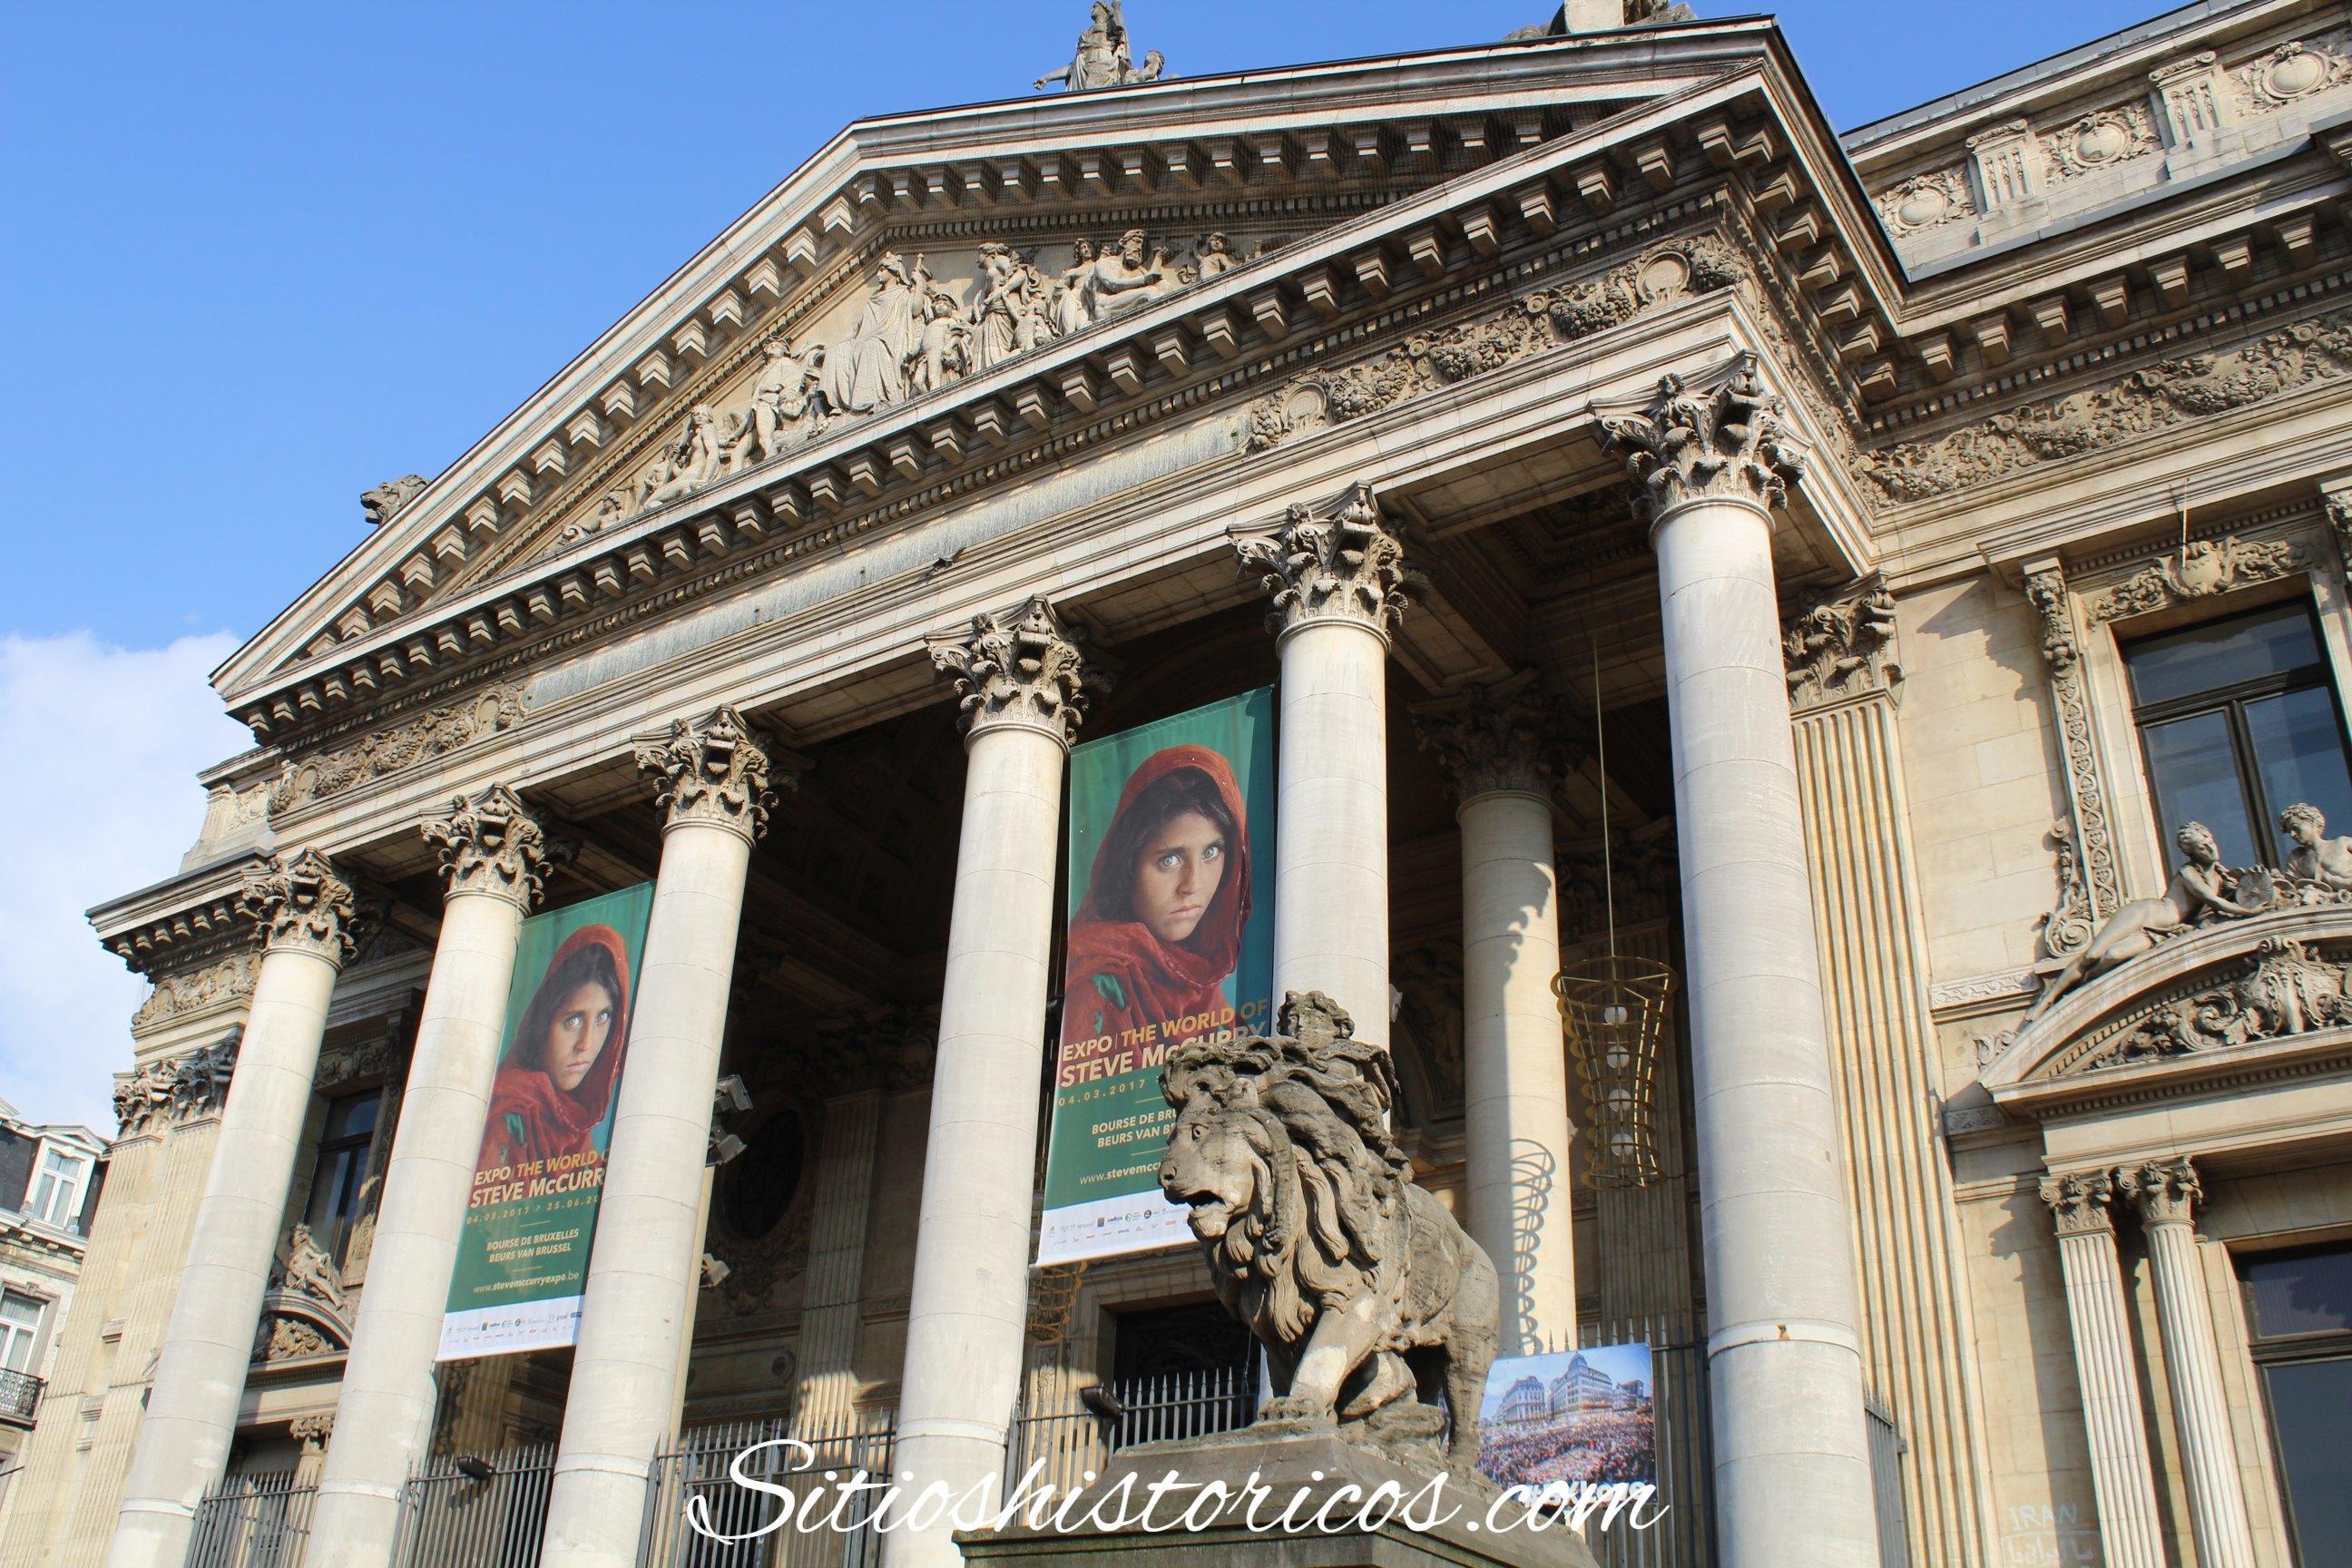 Bruselas La Bolsa Edificio De El Sitios Históricos CxdtQhrBos